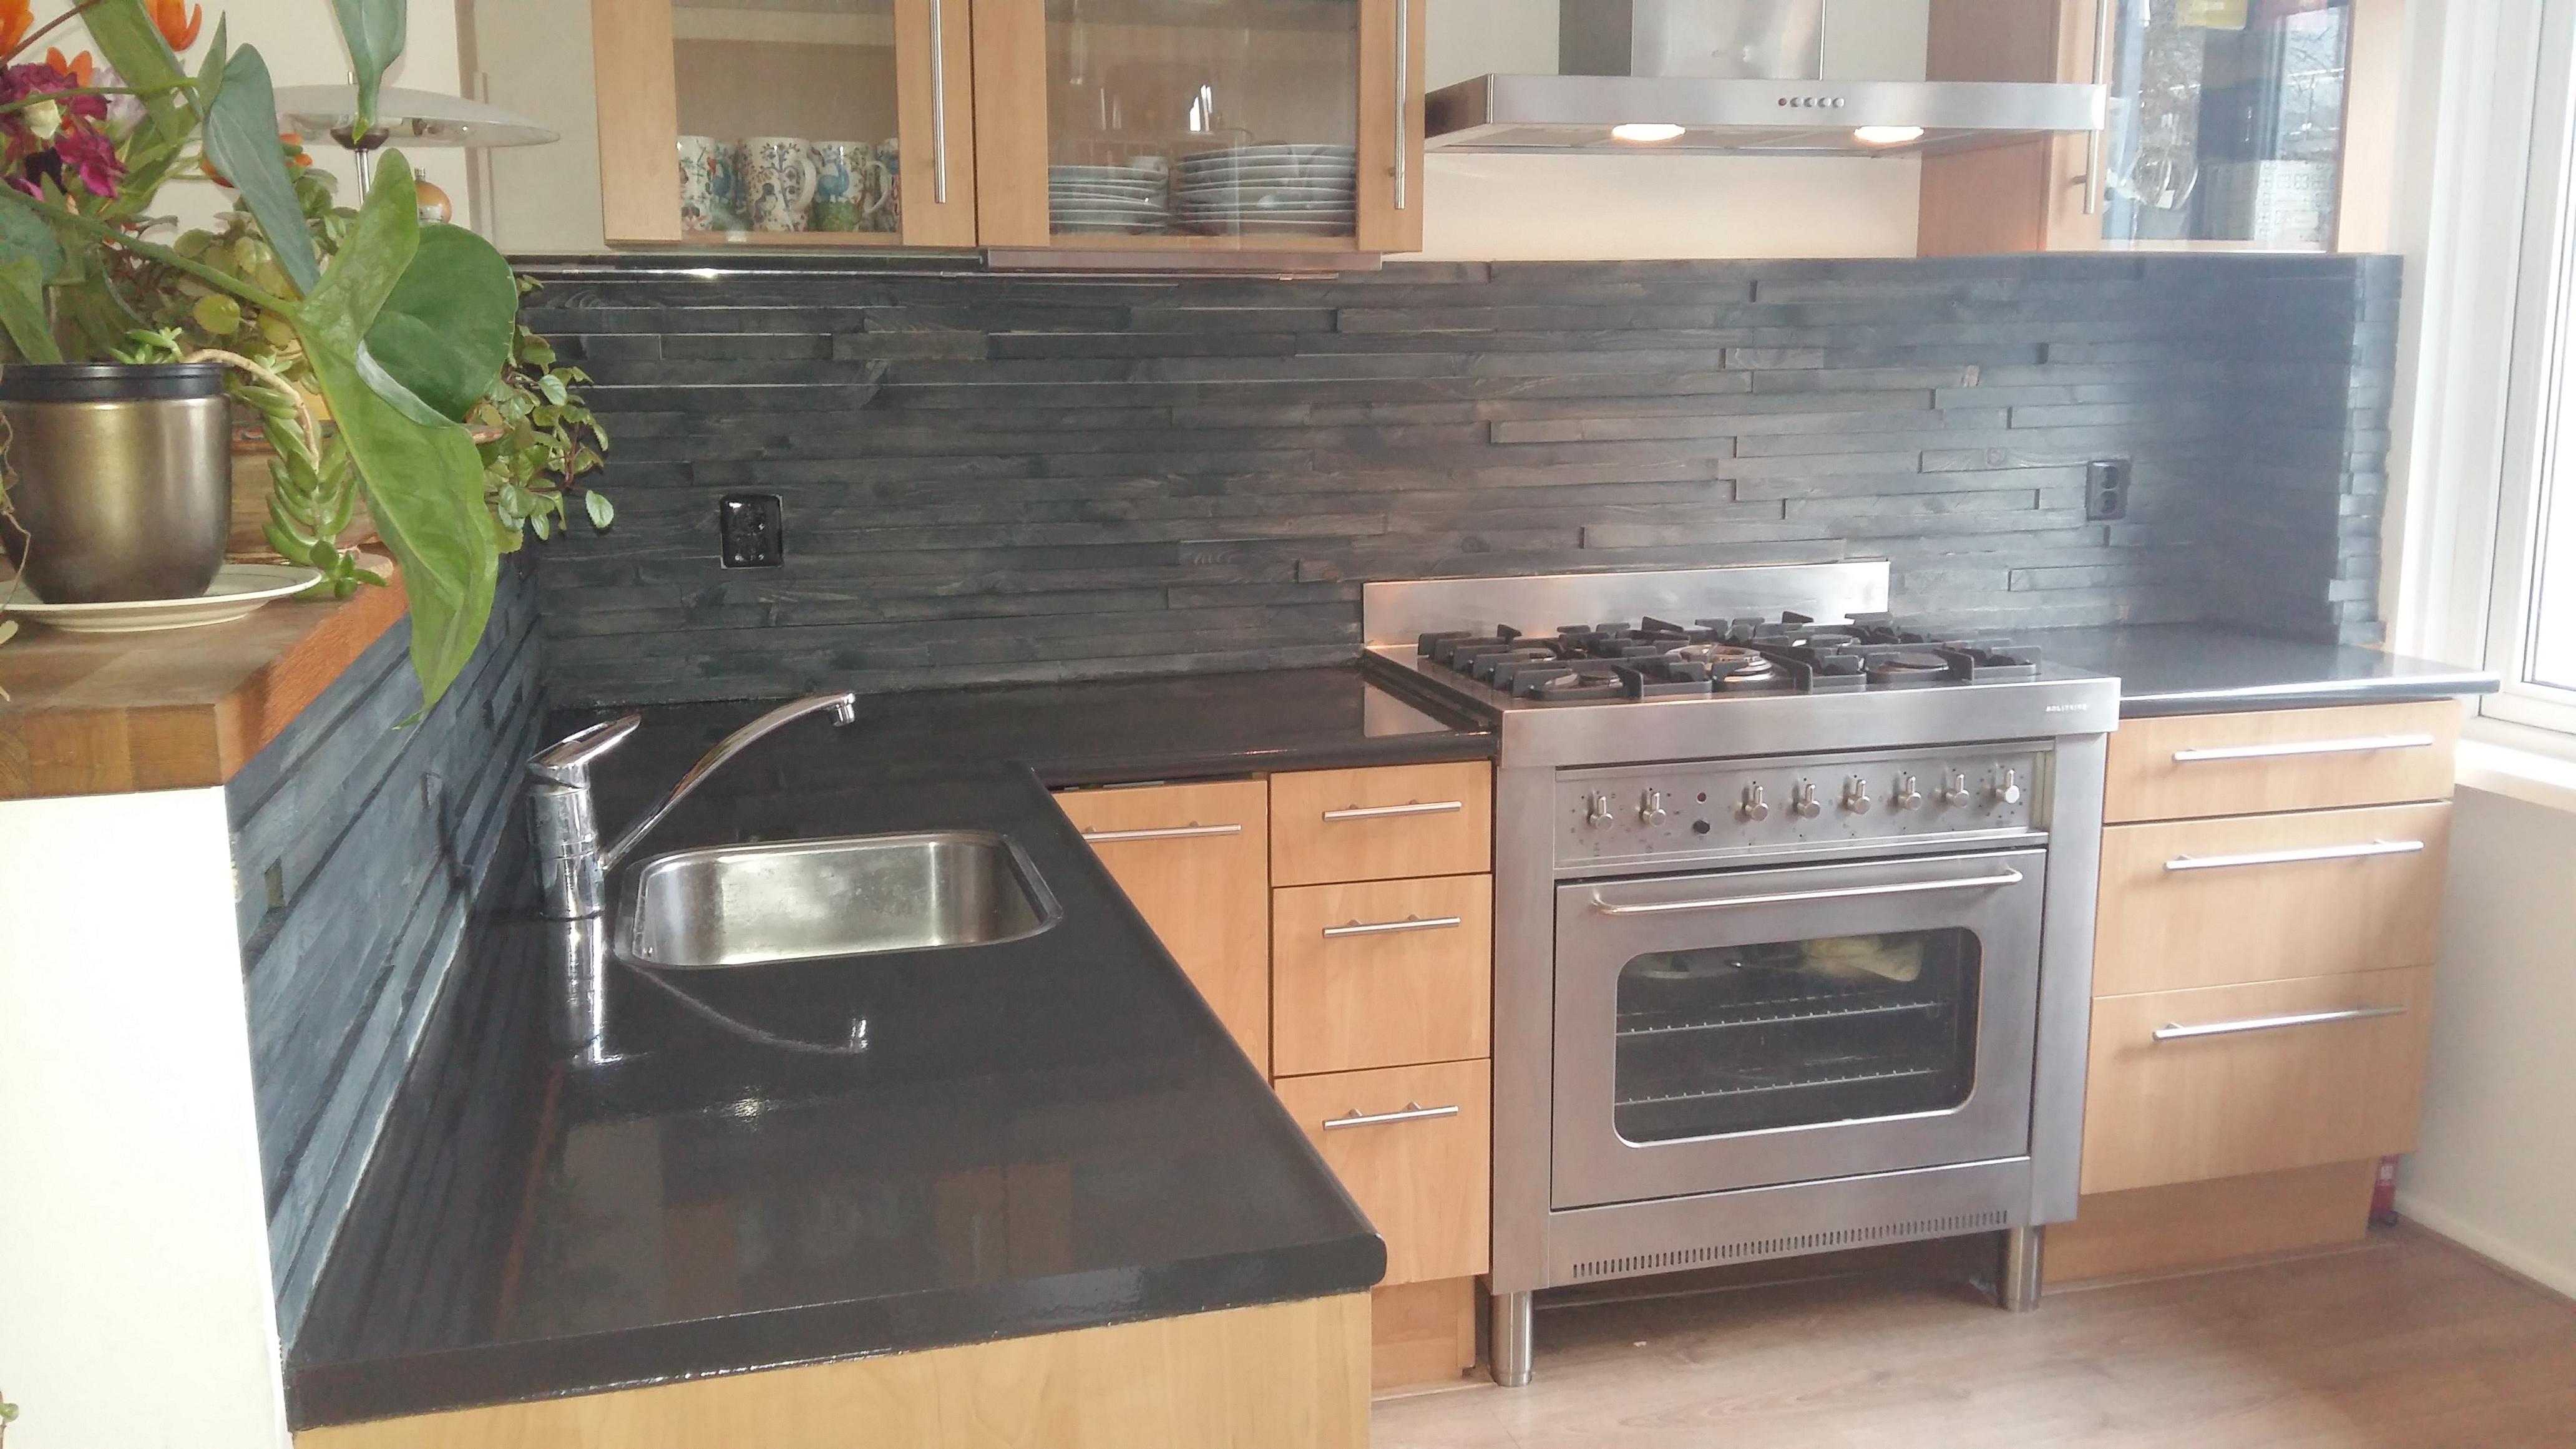 Keuken Met Boekenkast : Keuken lichtblauw langbroek vri interieur